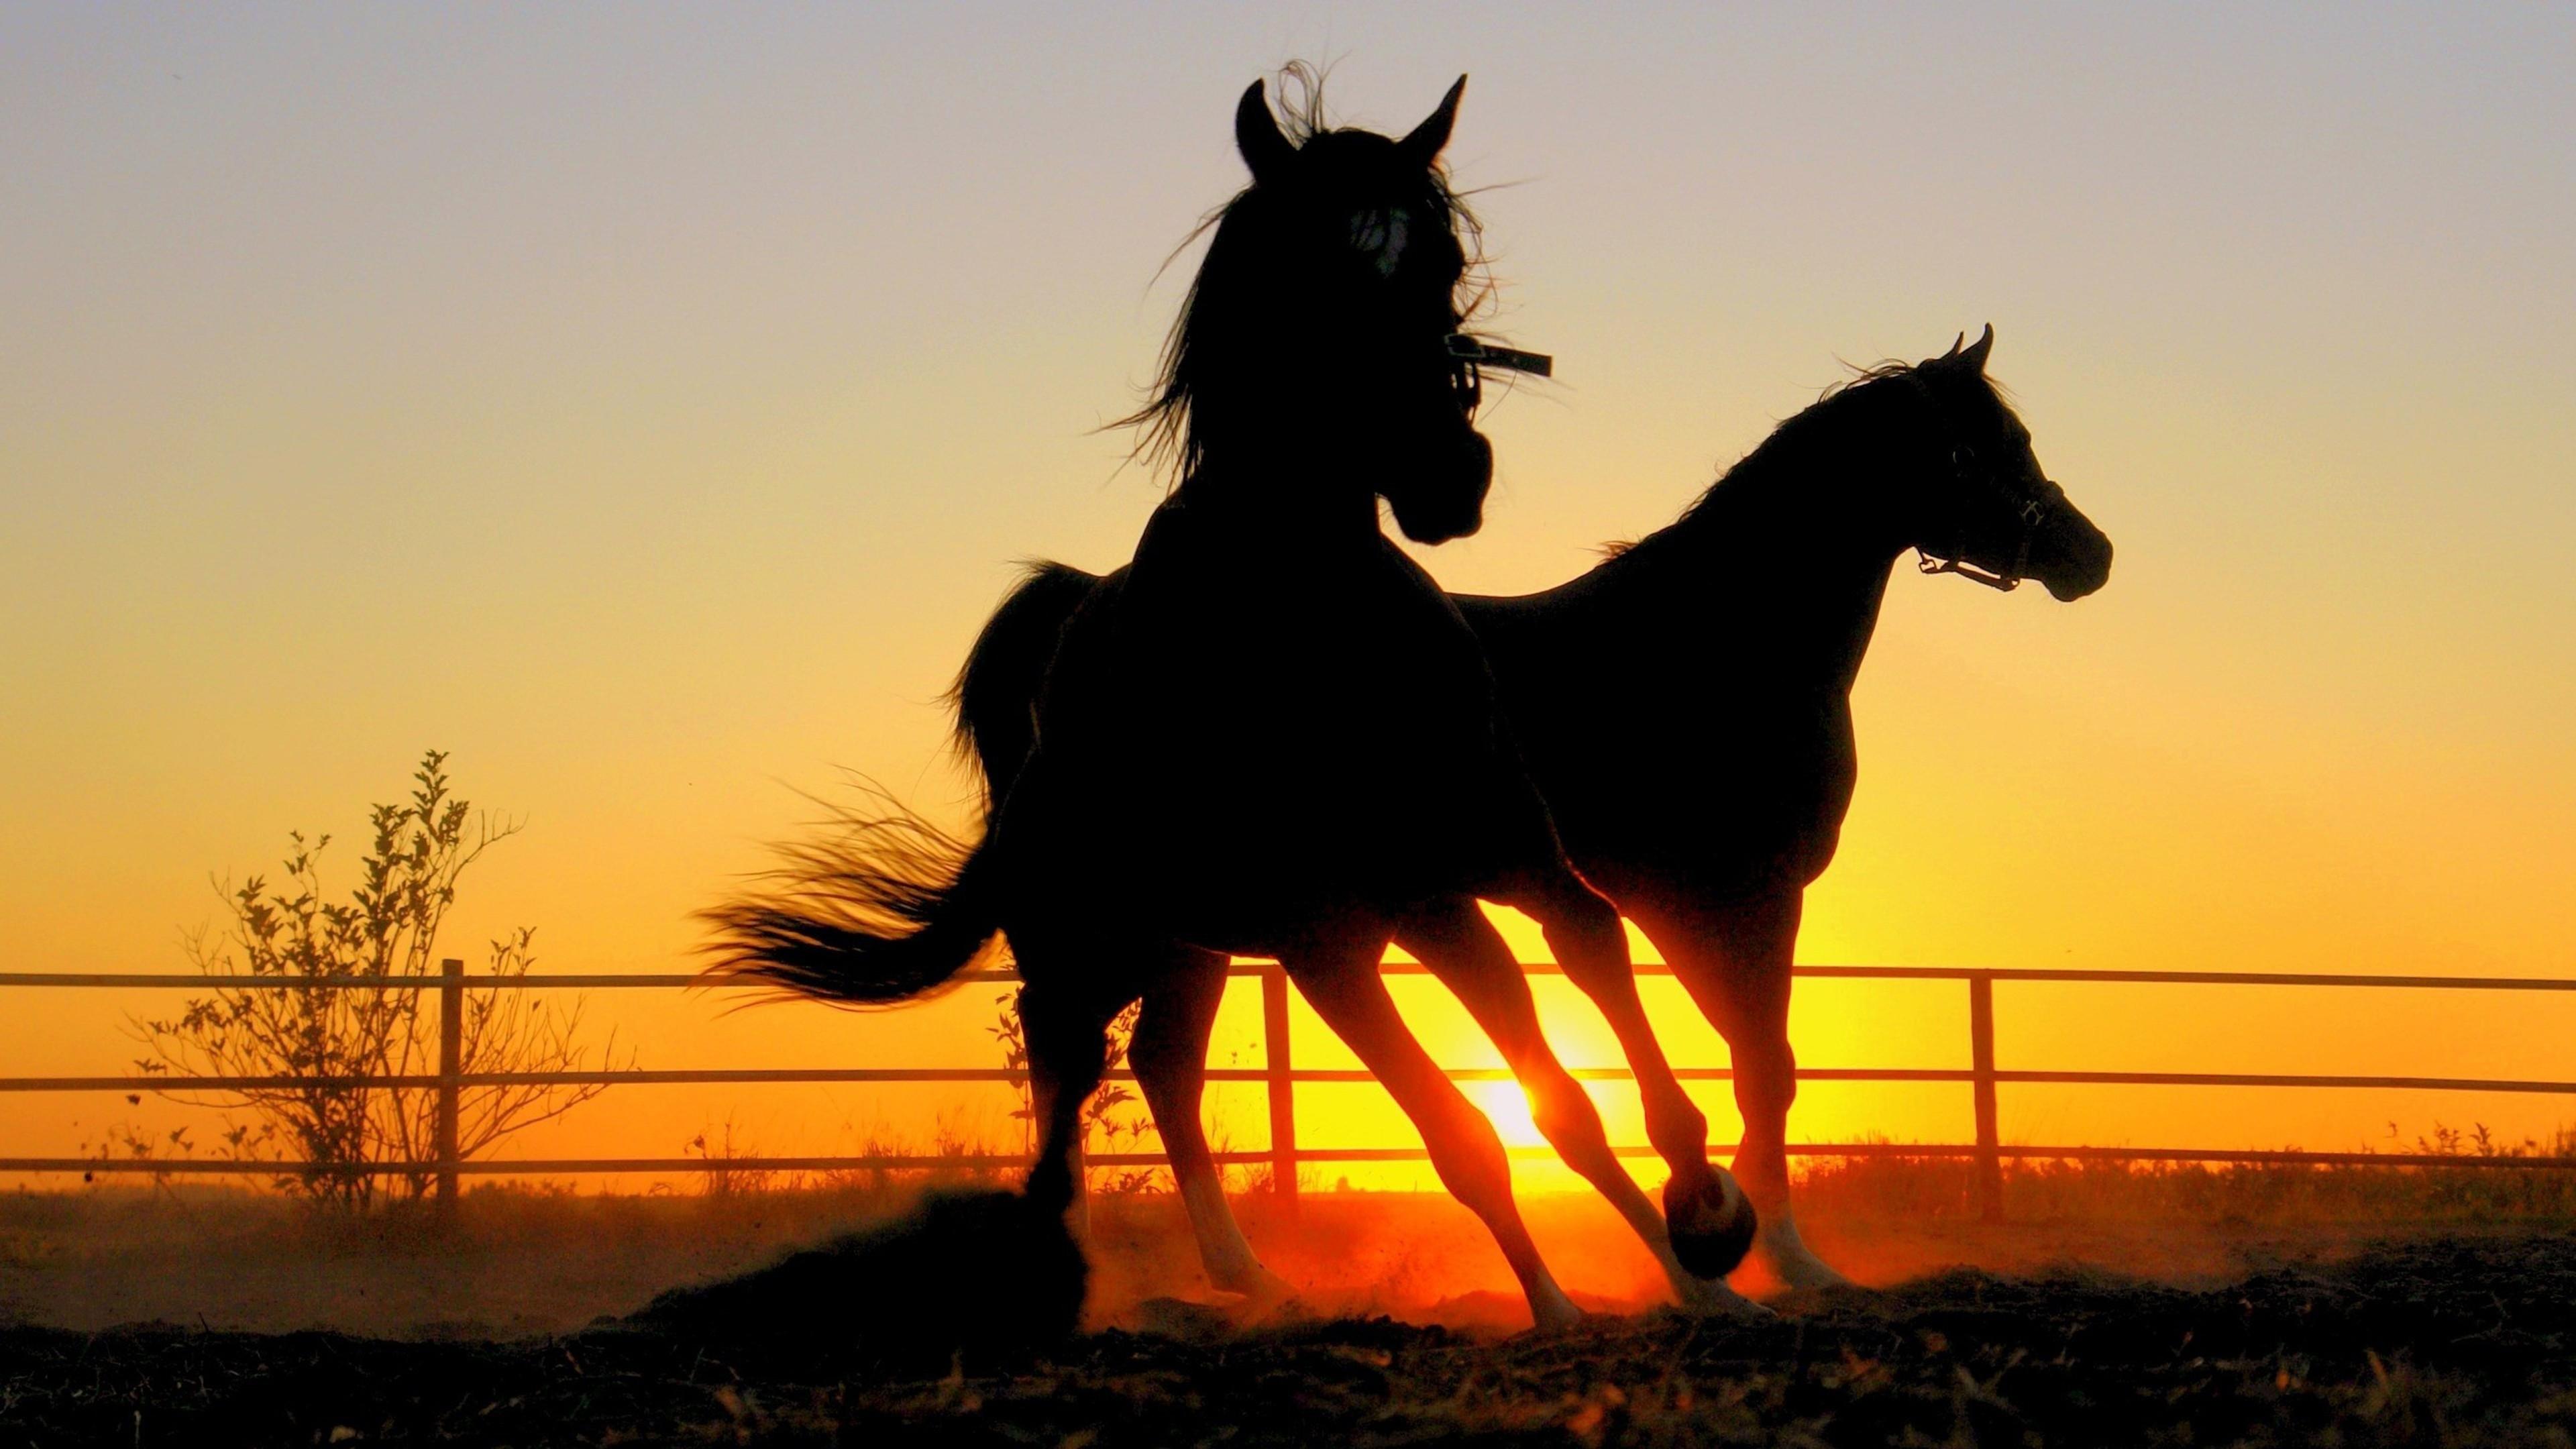 quarter horse wallpaper ·①